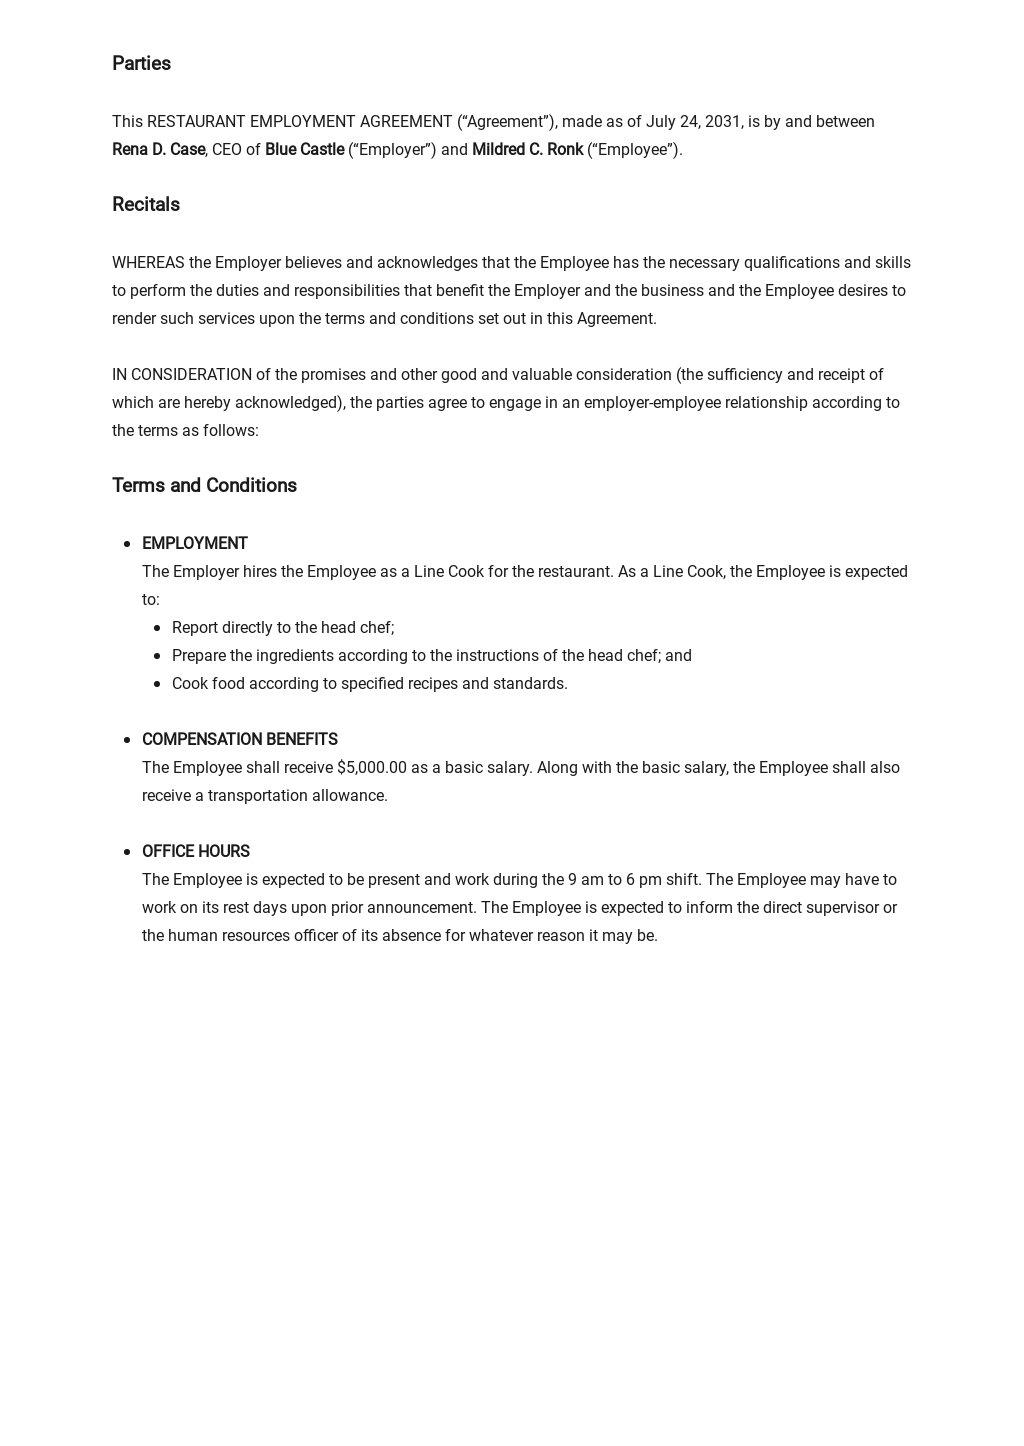 Restaurant Employment Agreement Template 1.jpe